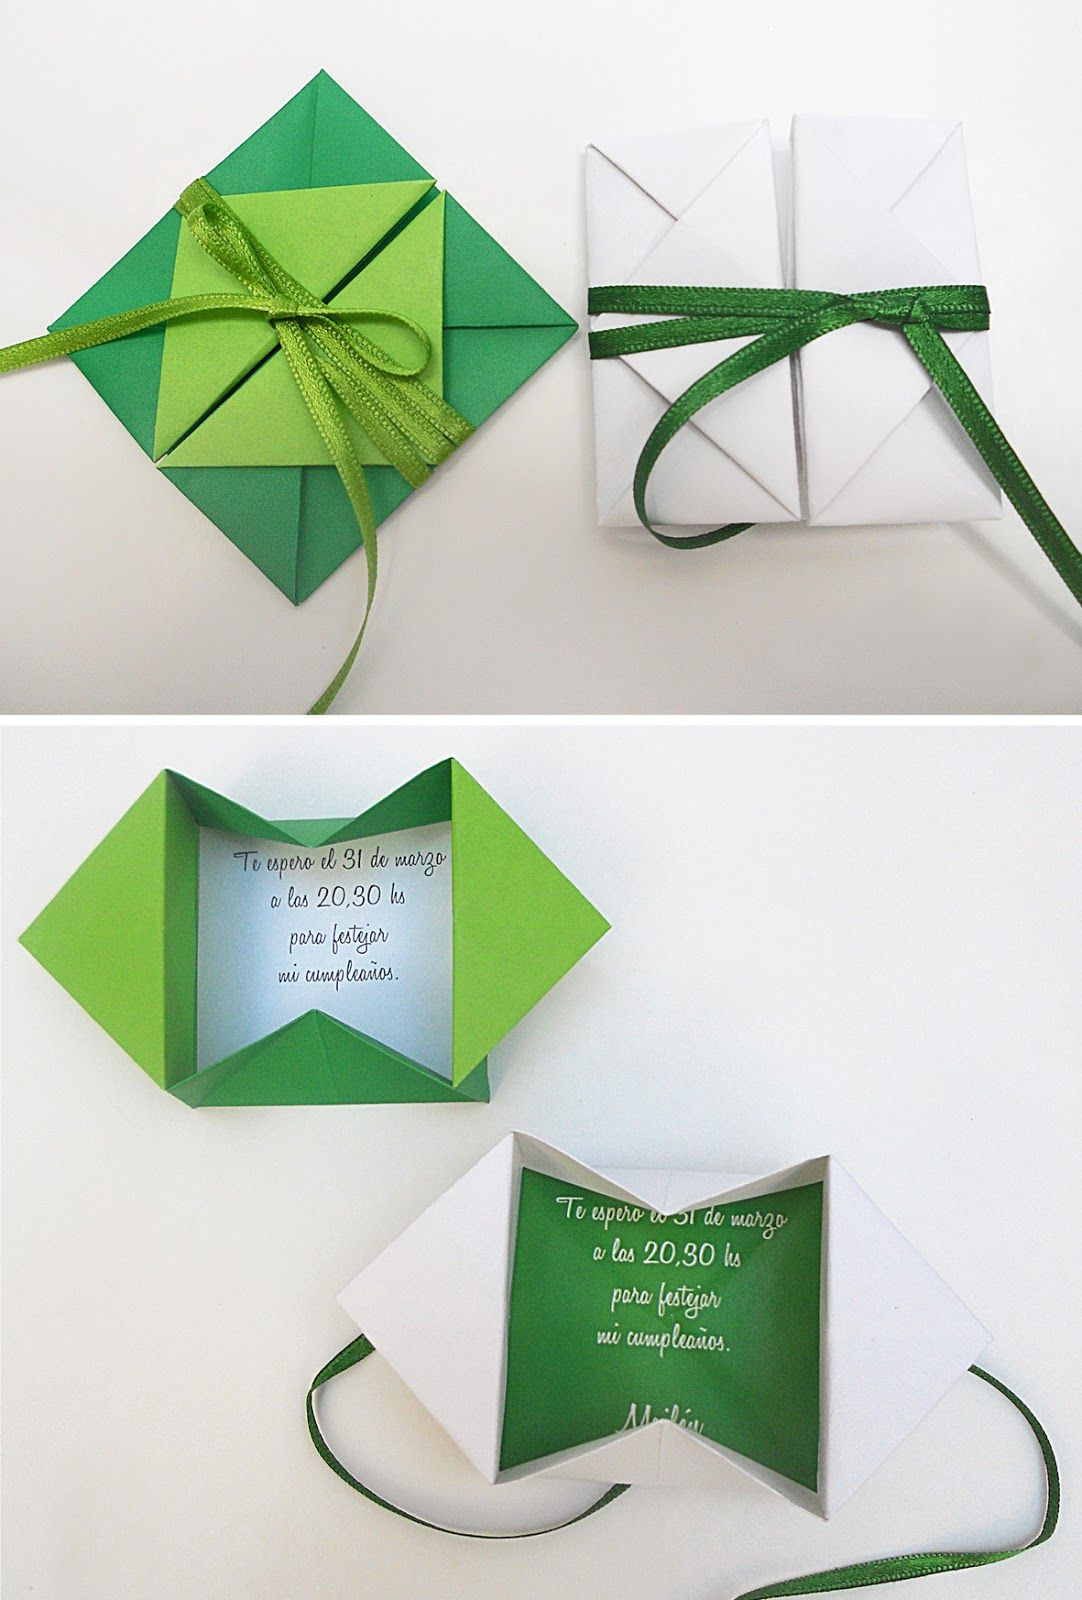 Square origami envelopes for wedding invitations when they are square origami envelopes for wedding invitations when they are opened they form a kind jeuxipadfo Images